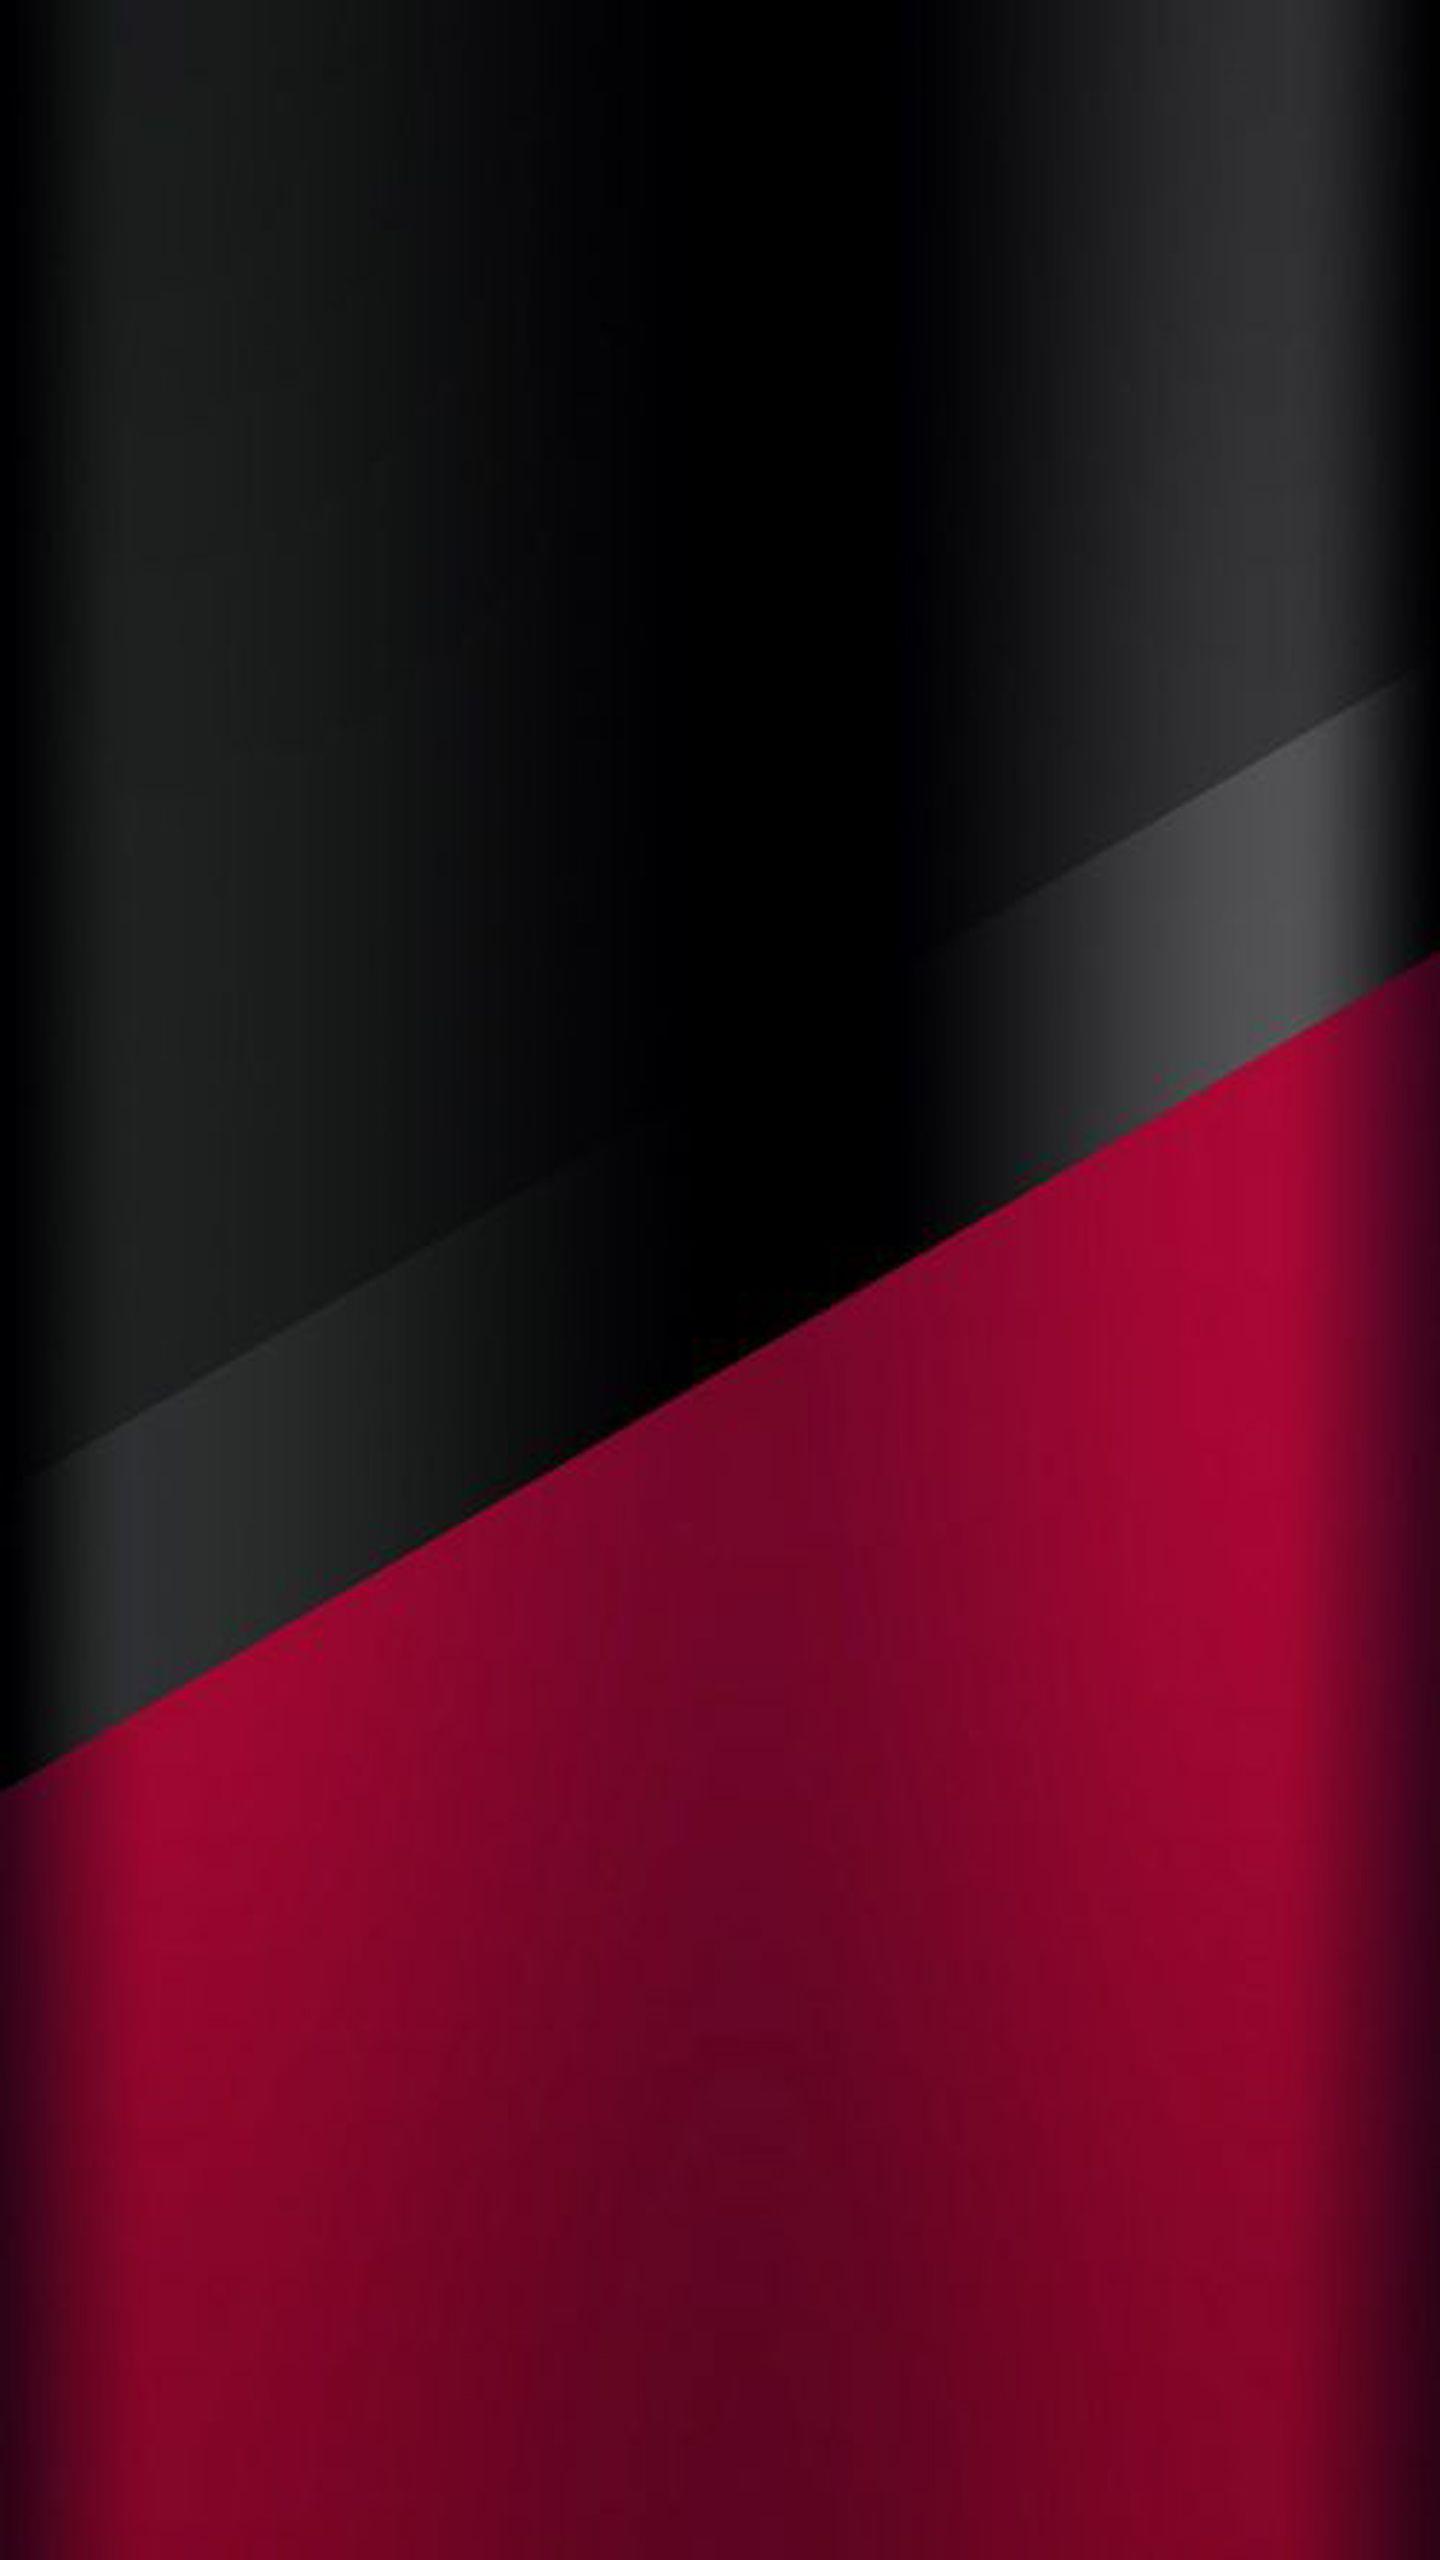 Dark S7 Edge Wallpaper 03 Black and Red Pinterest